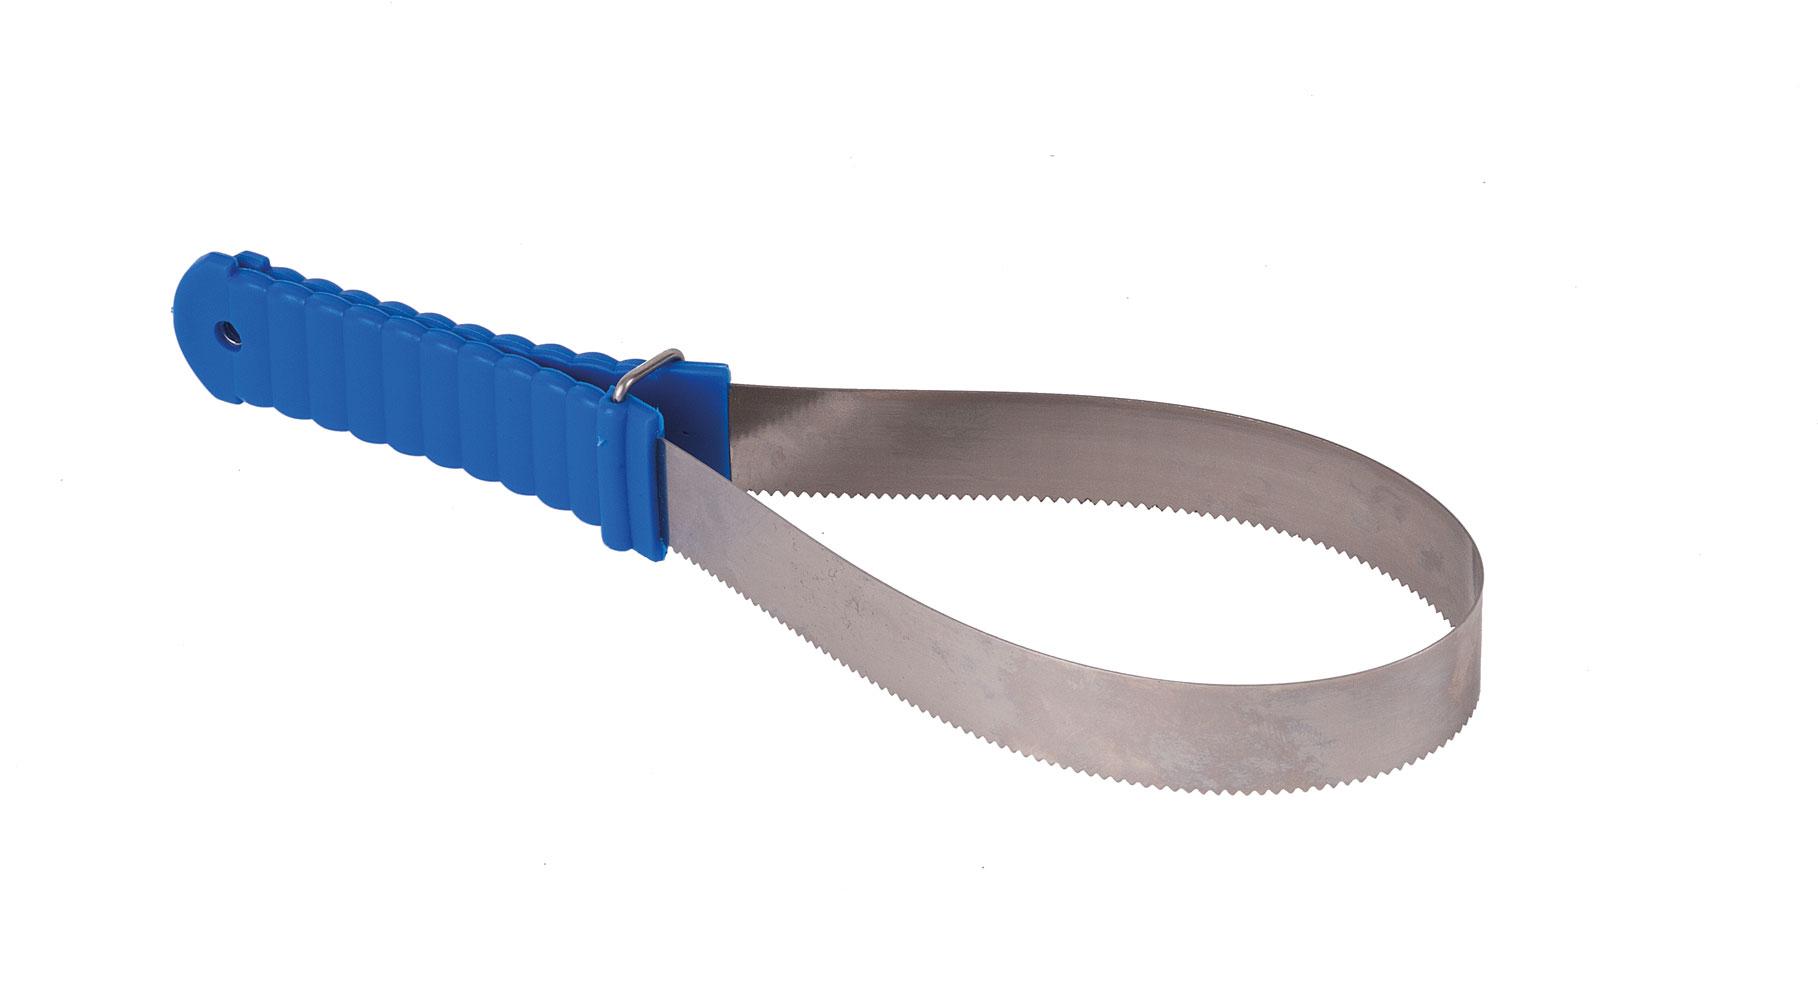 Harlequin Shedding Blade